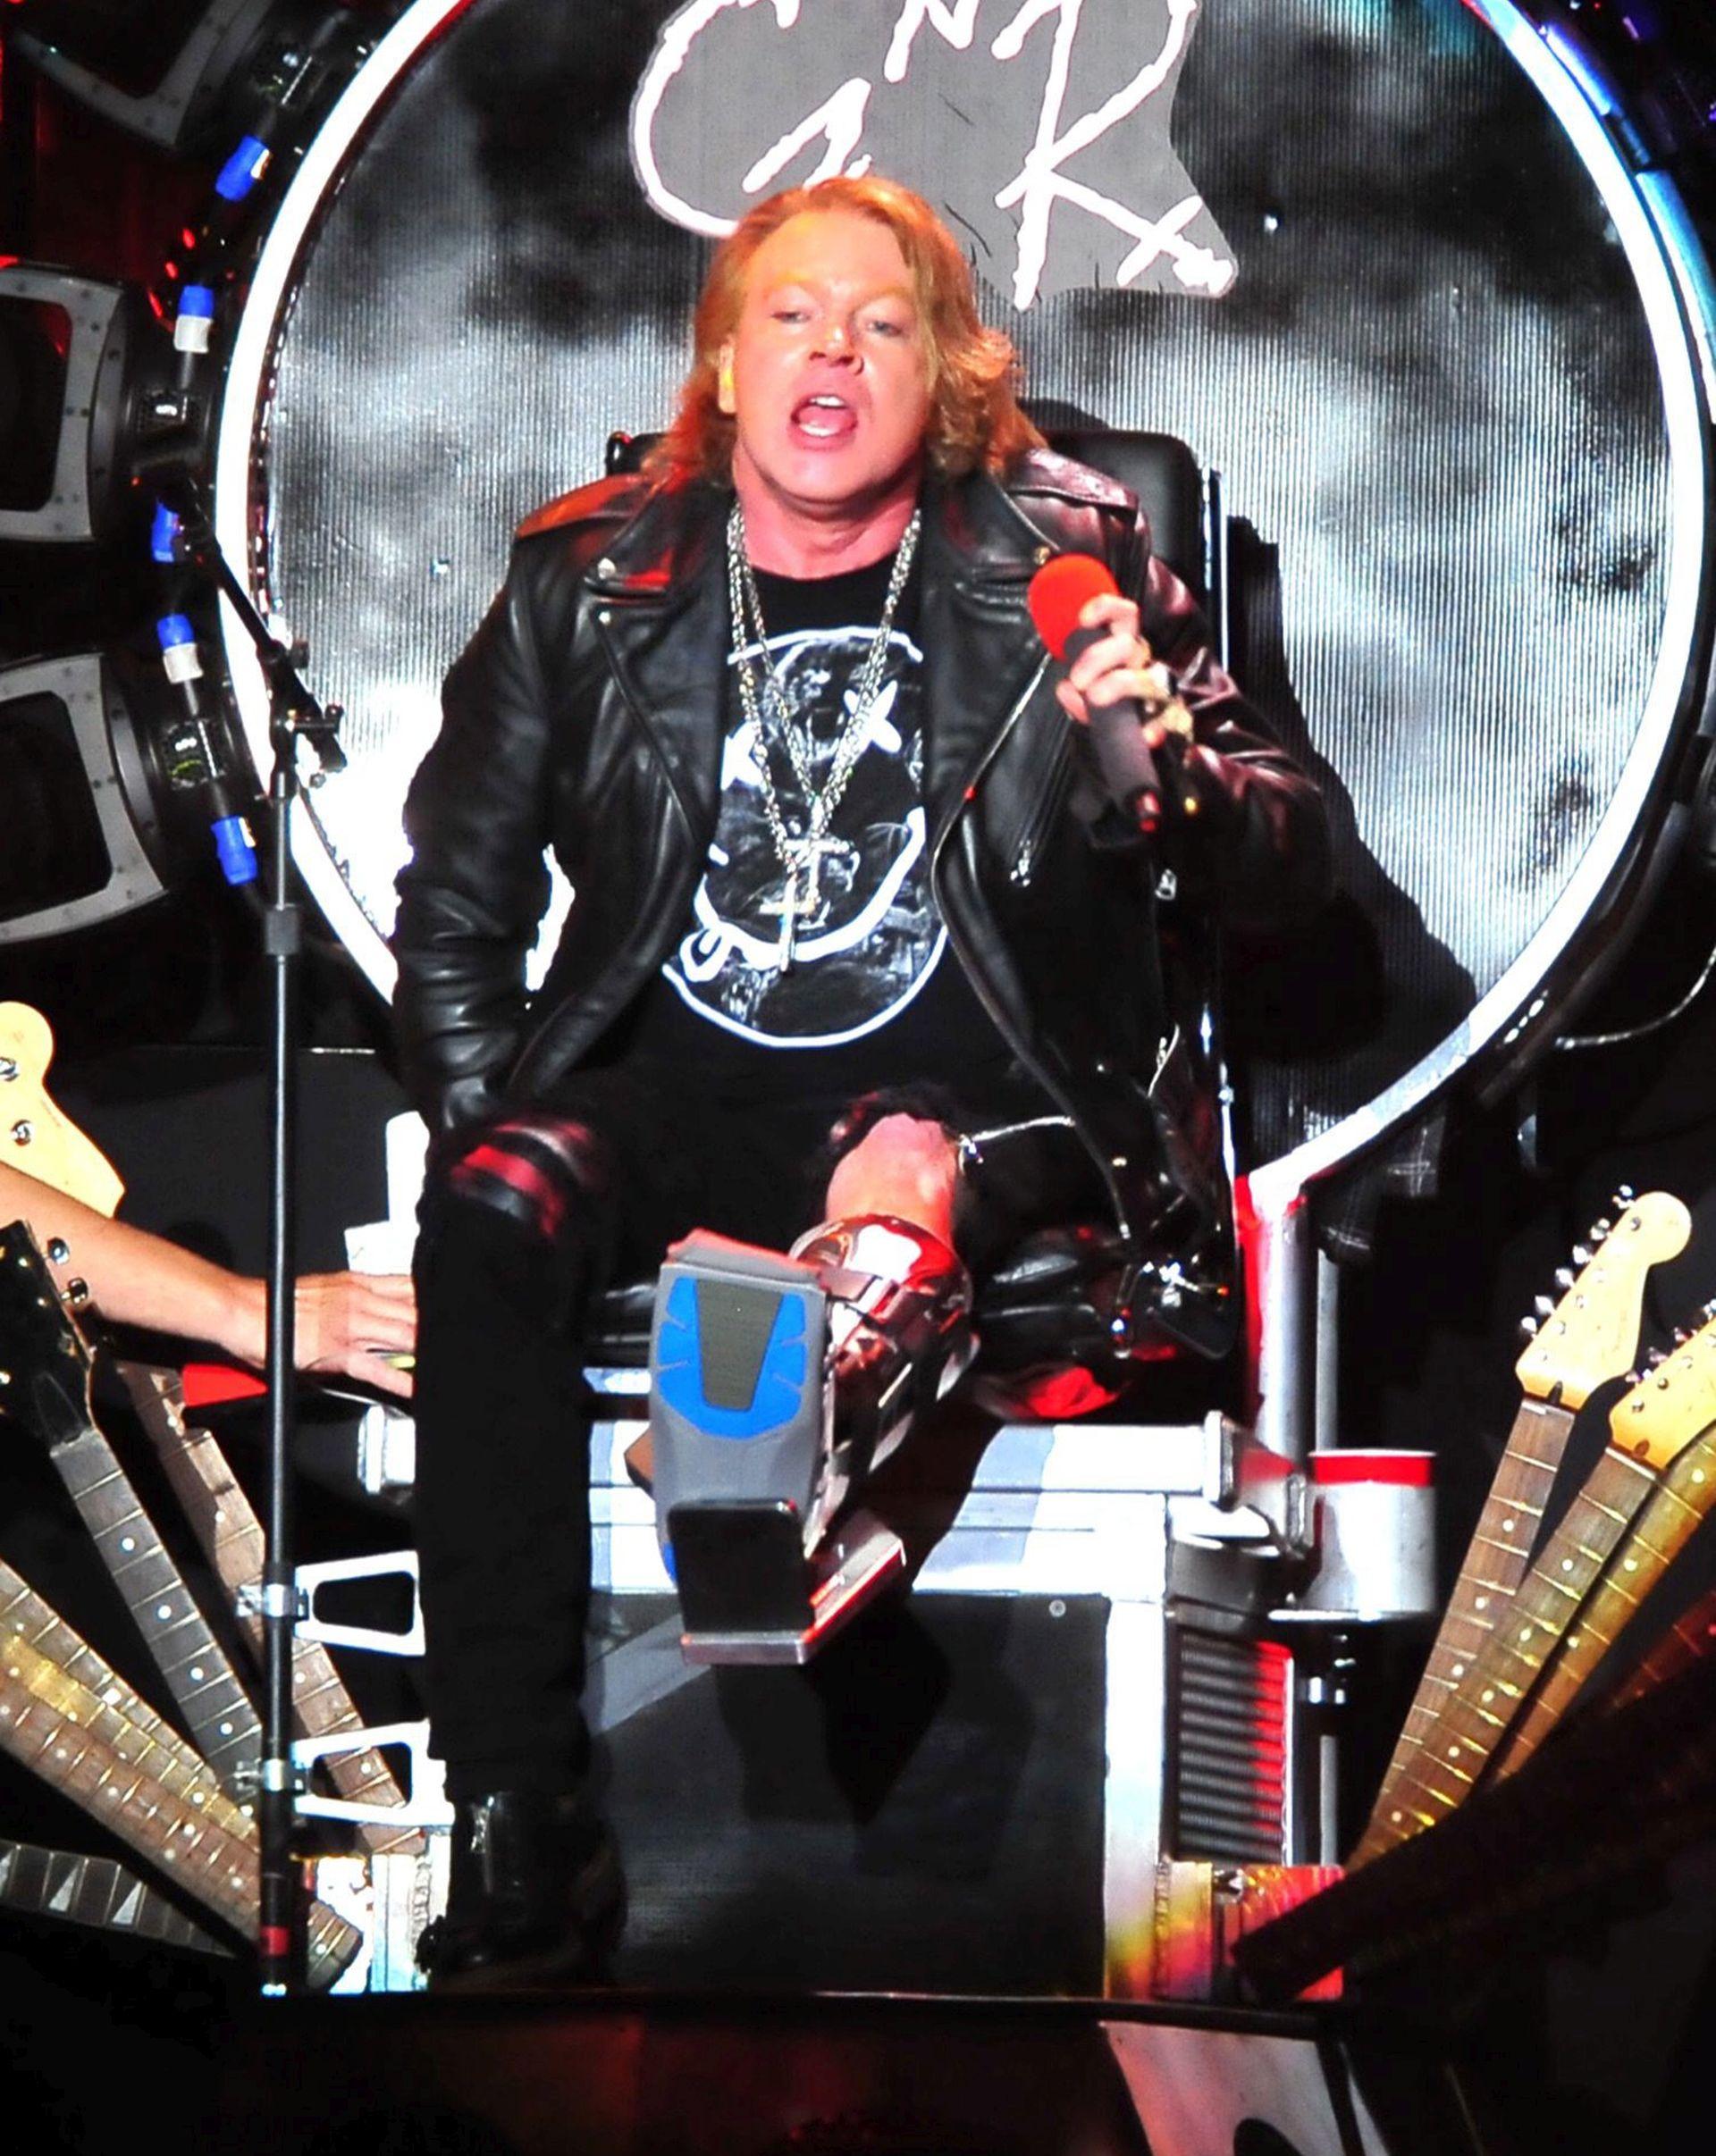 PUNO NEZADOVOLJNIH FANOVA Moguć povratak novca za koncerte AC/DC-a s Axl Roseom